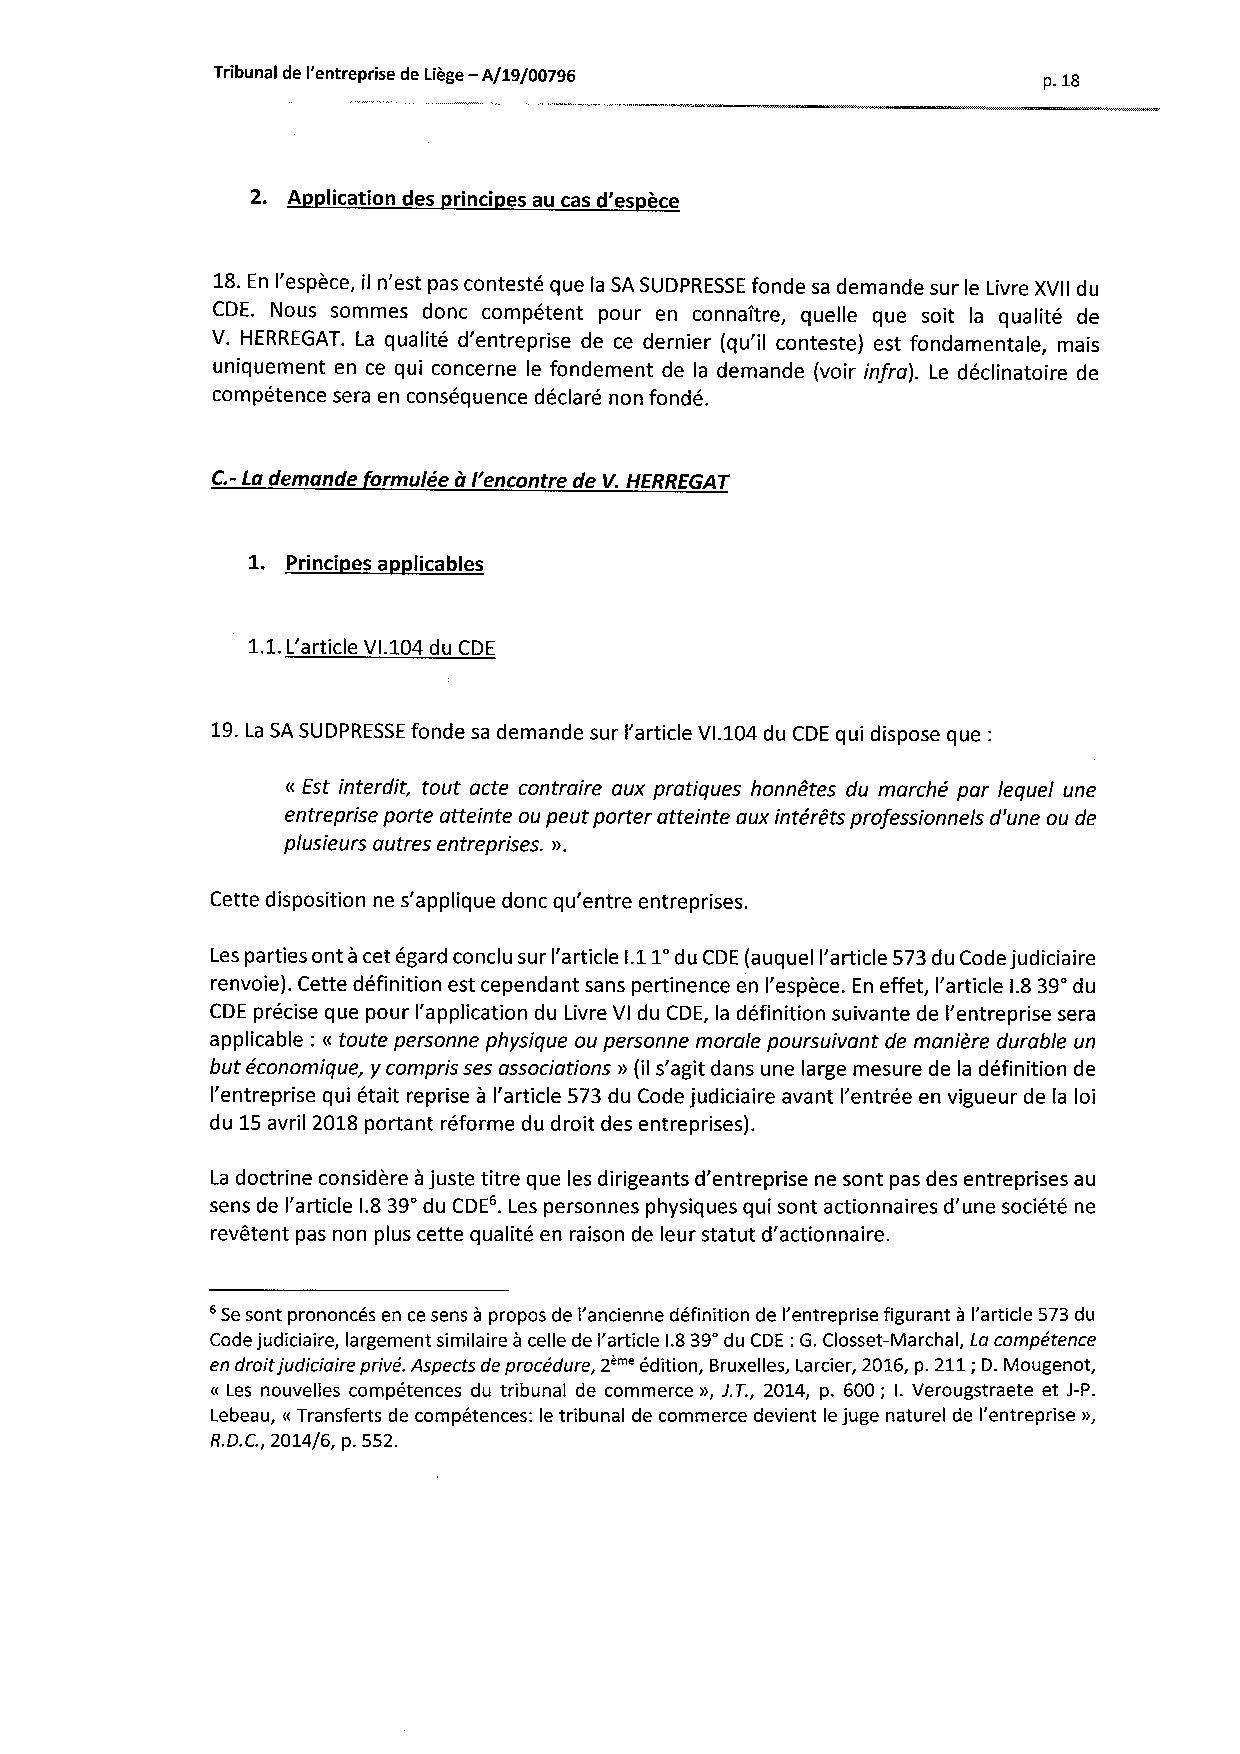 2020 01 10 SUD PRESSE c HERREGAT V et VINCESTONIAN SDE PLC (A-19-00796) aud 6-12-2019-page-018